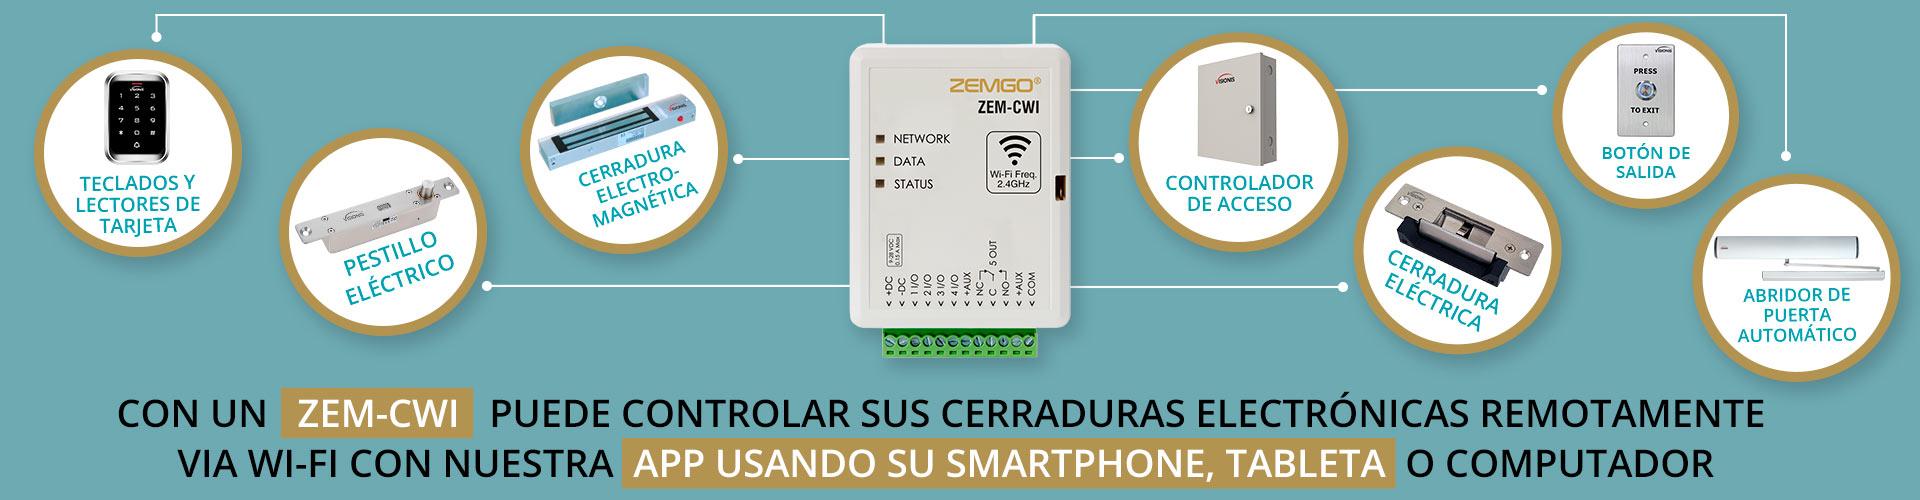 ZEM-CWI trabaja con estos dispositivos